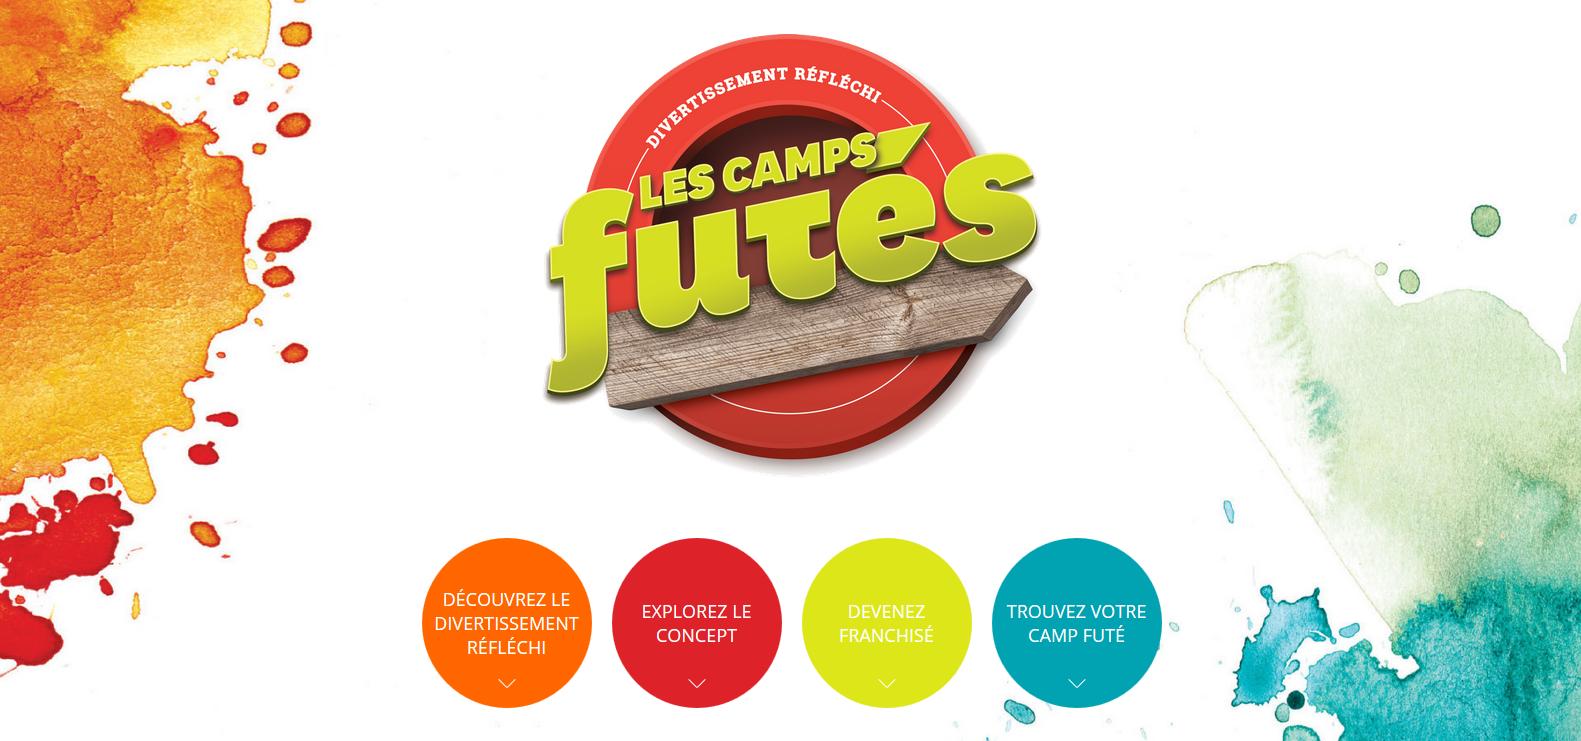 Les Camps futés, camps de jour pour enfants sur la Rive-Nord